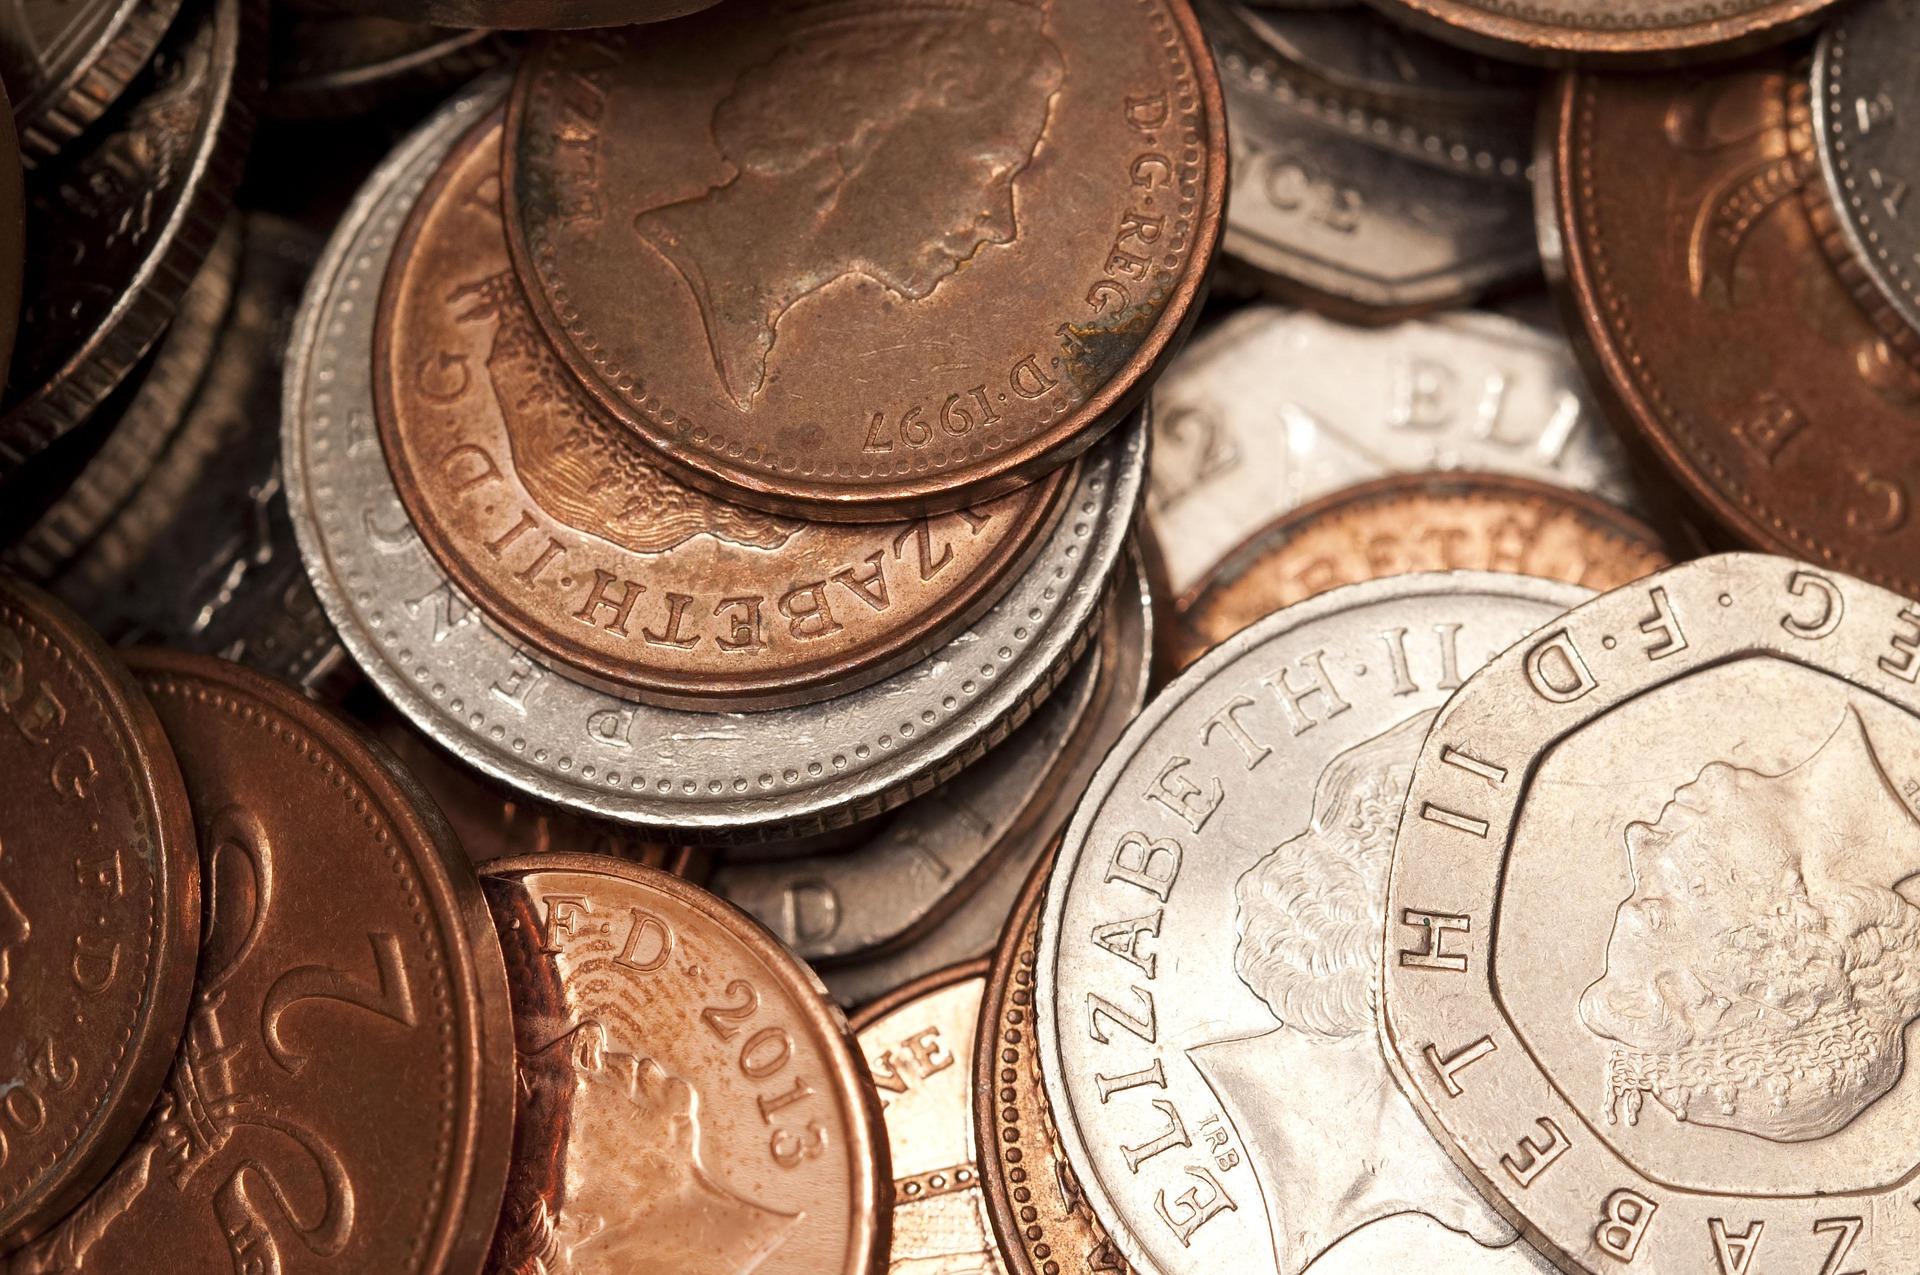 coins-2512279_1920.jpg